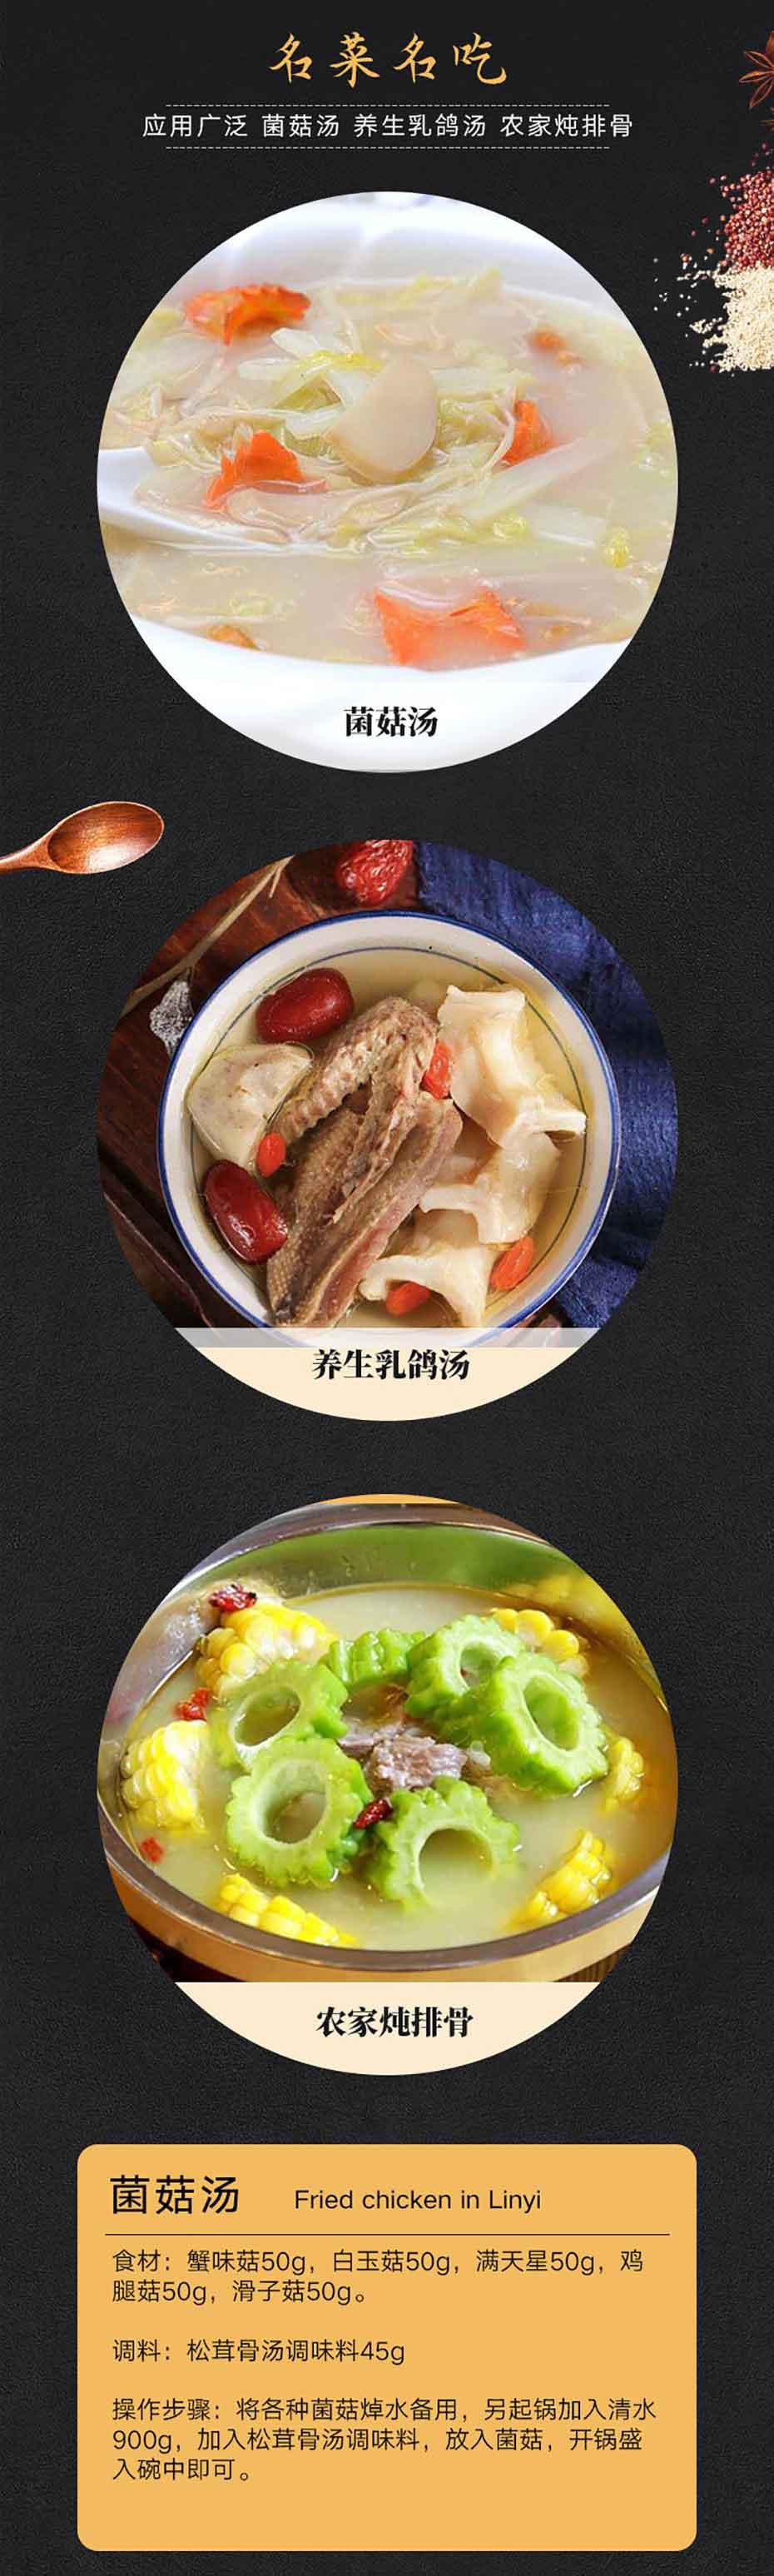 小石窖松茸骨汤-大厨四宝